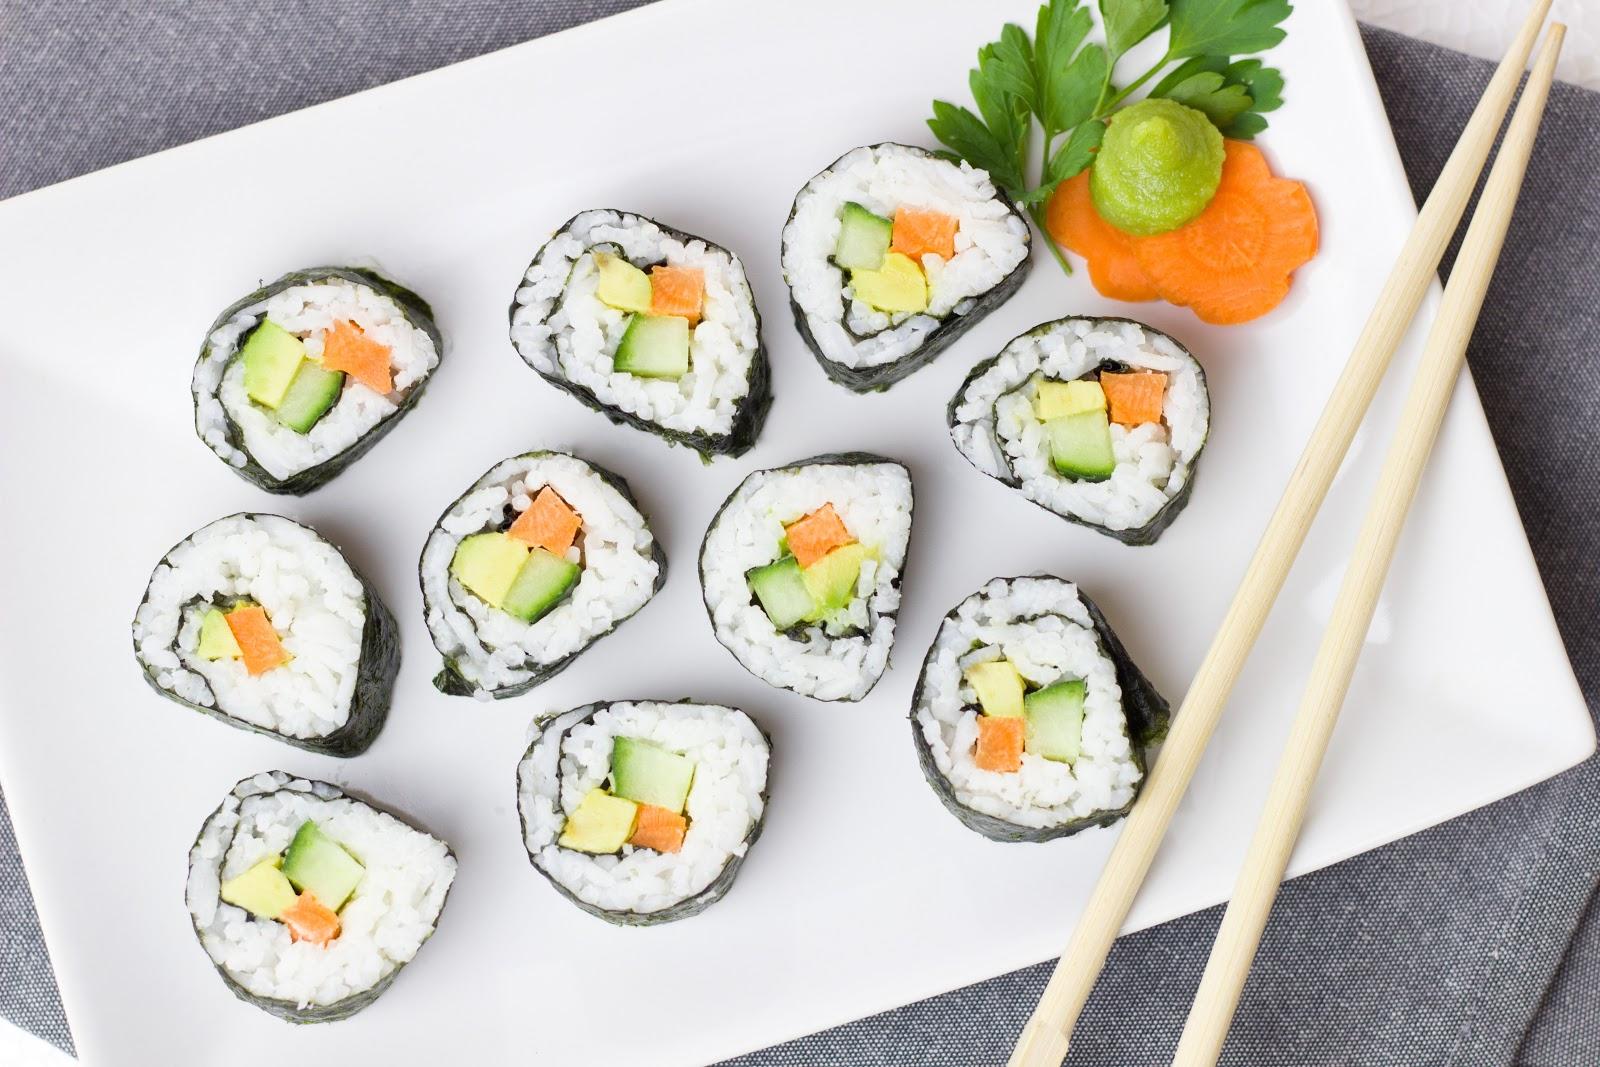 asia-carrot-chopsticks-357756